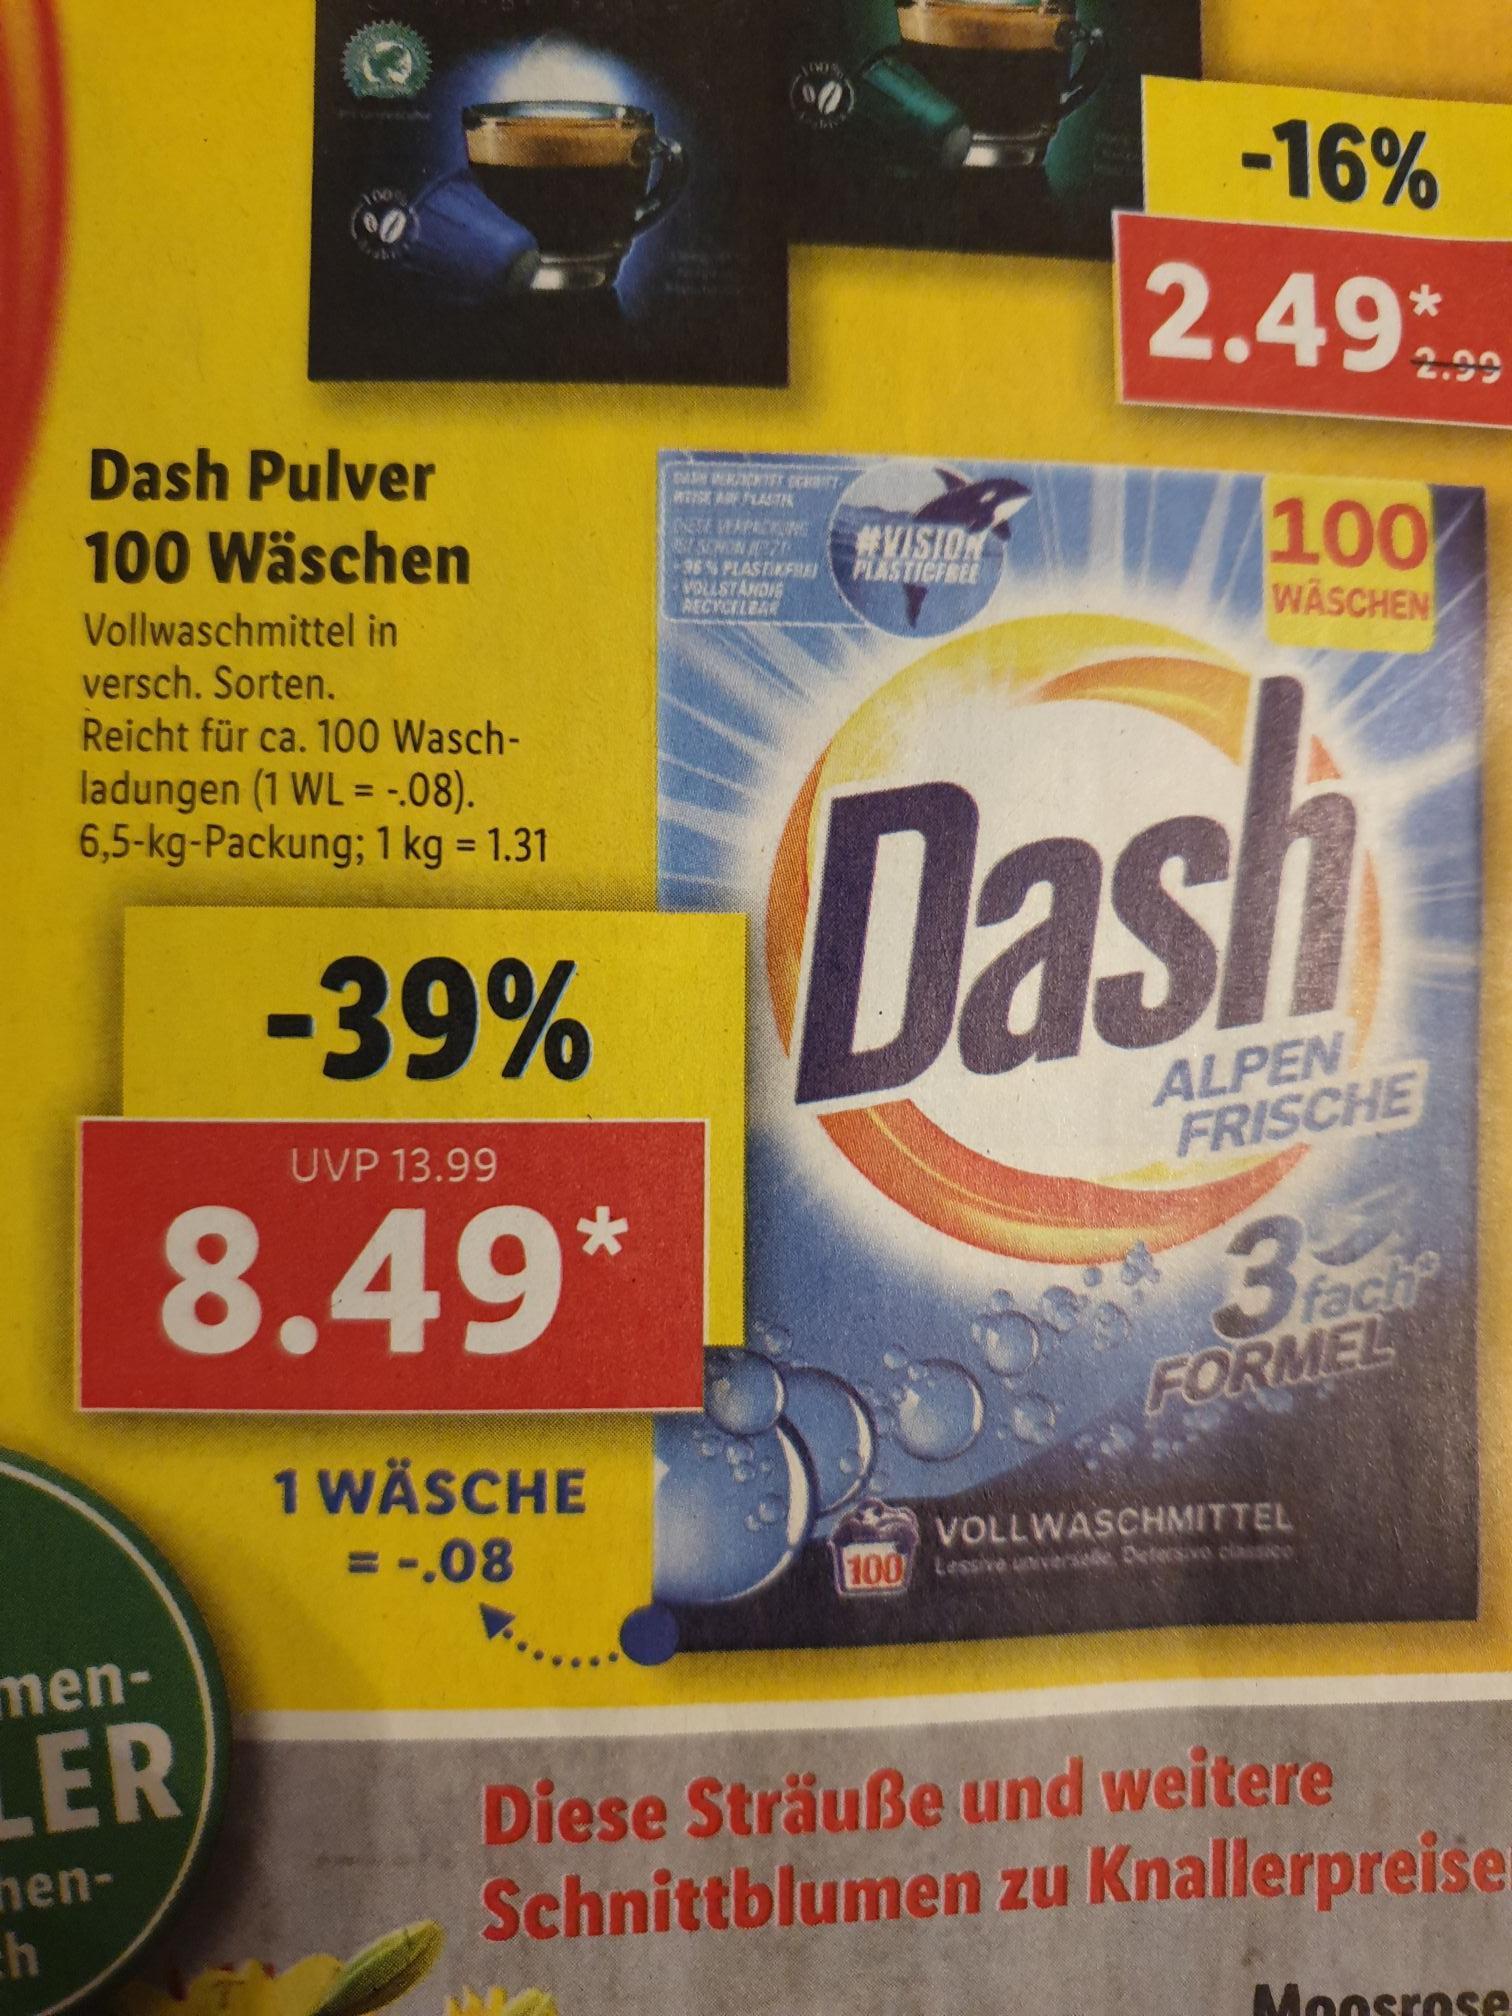 [LIDL] Dash Vollwaschmittel 100 Wäschen